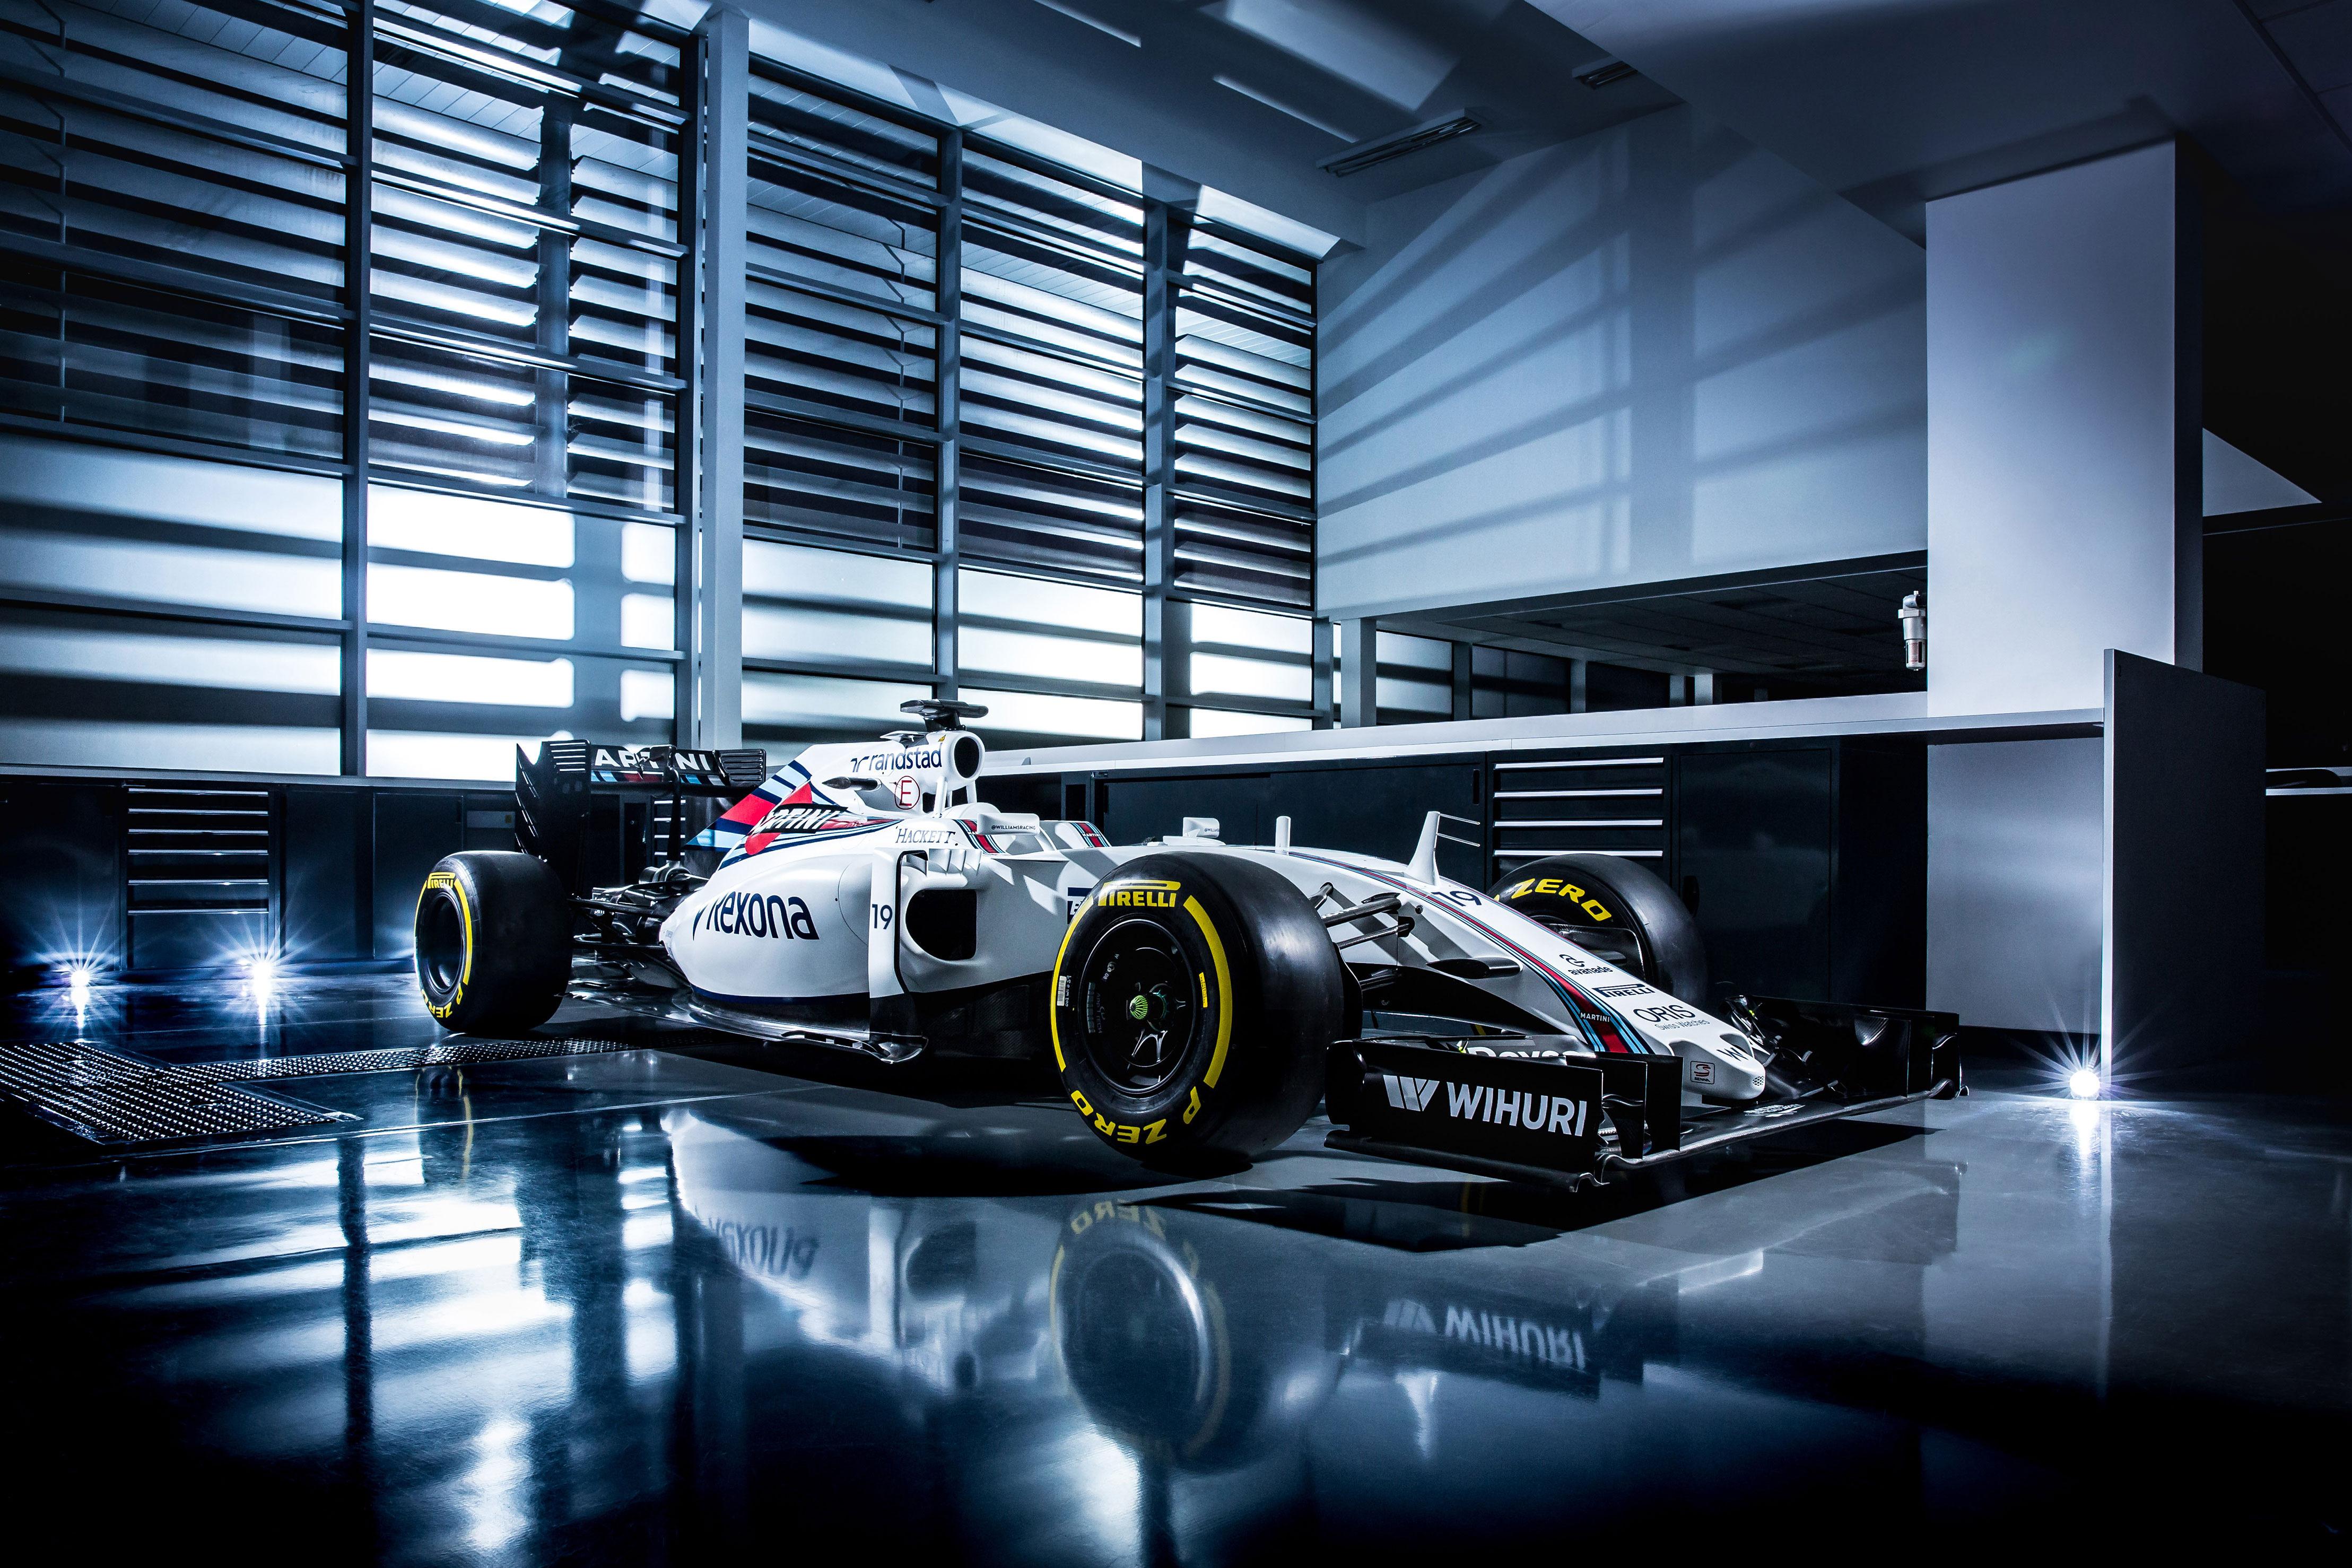 Williams FW38 Massa